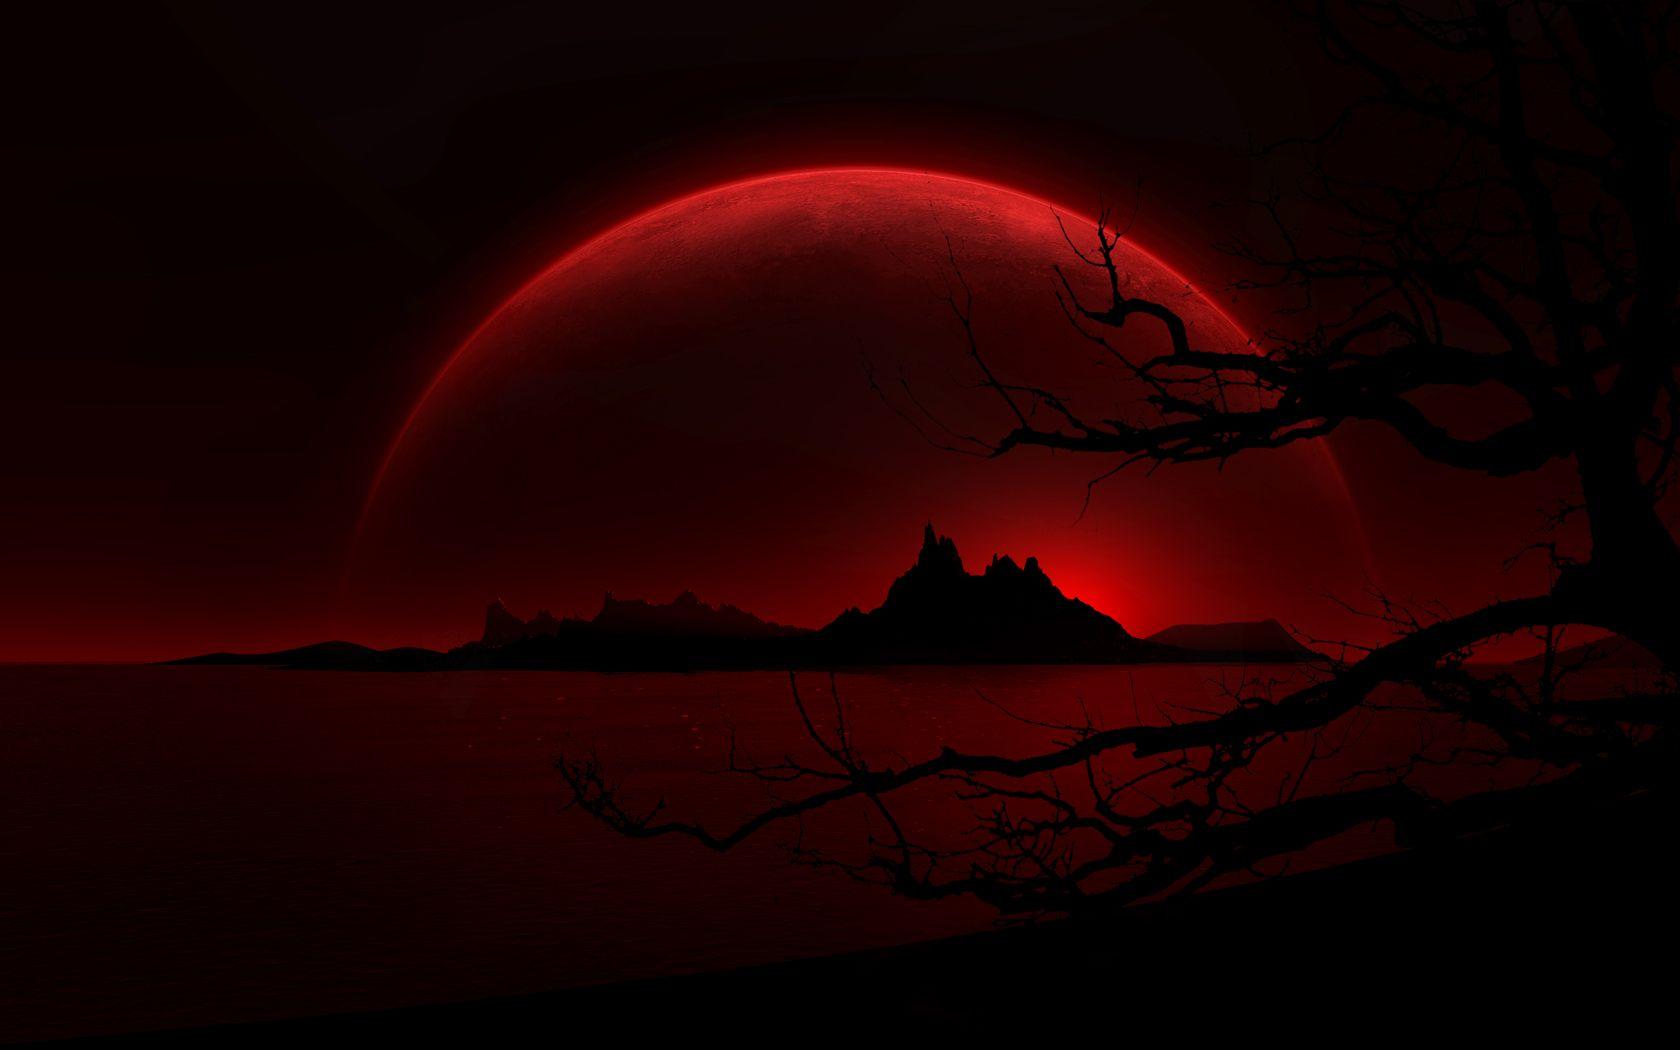 Red World Papel De Parede Vermelho Escuro Papel De Parede Vermelho E Preto Papel De Parede Vermelho